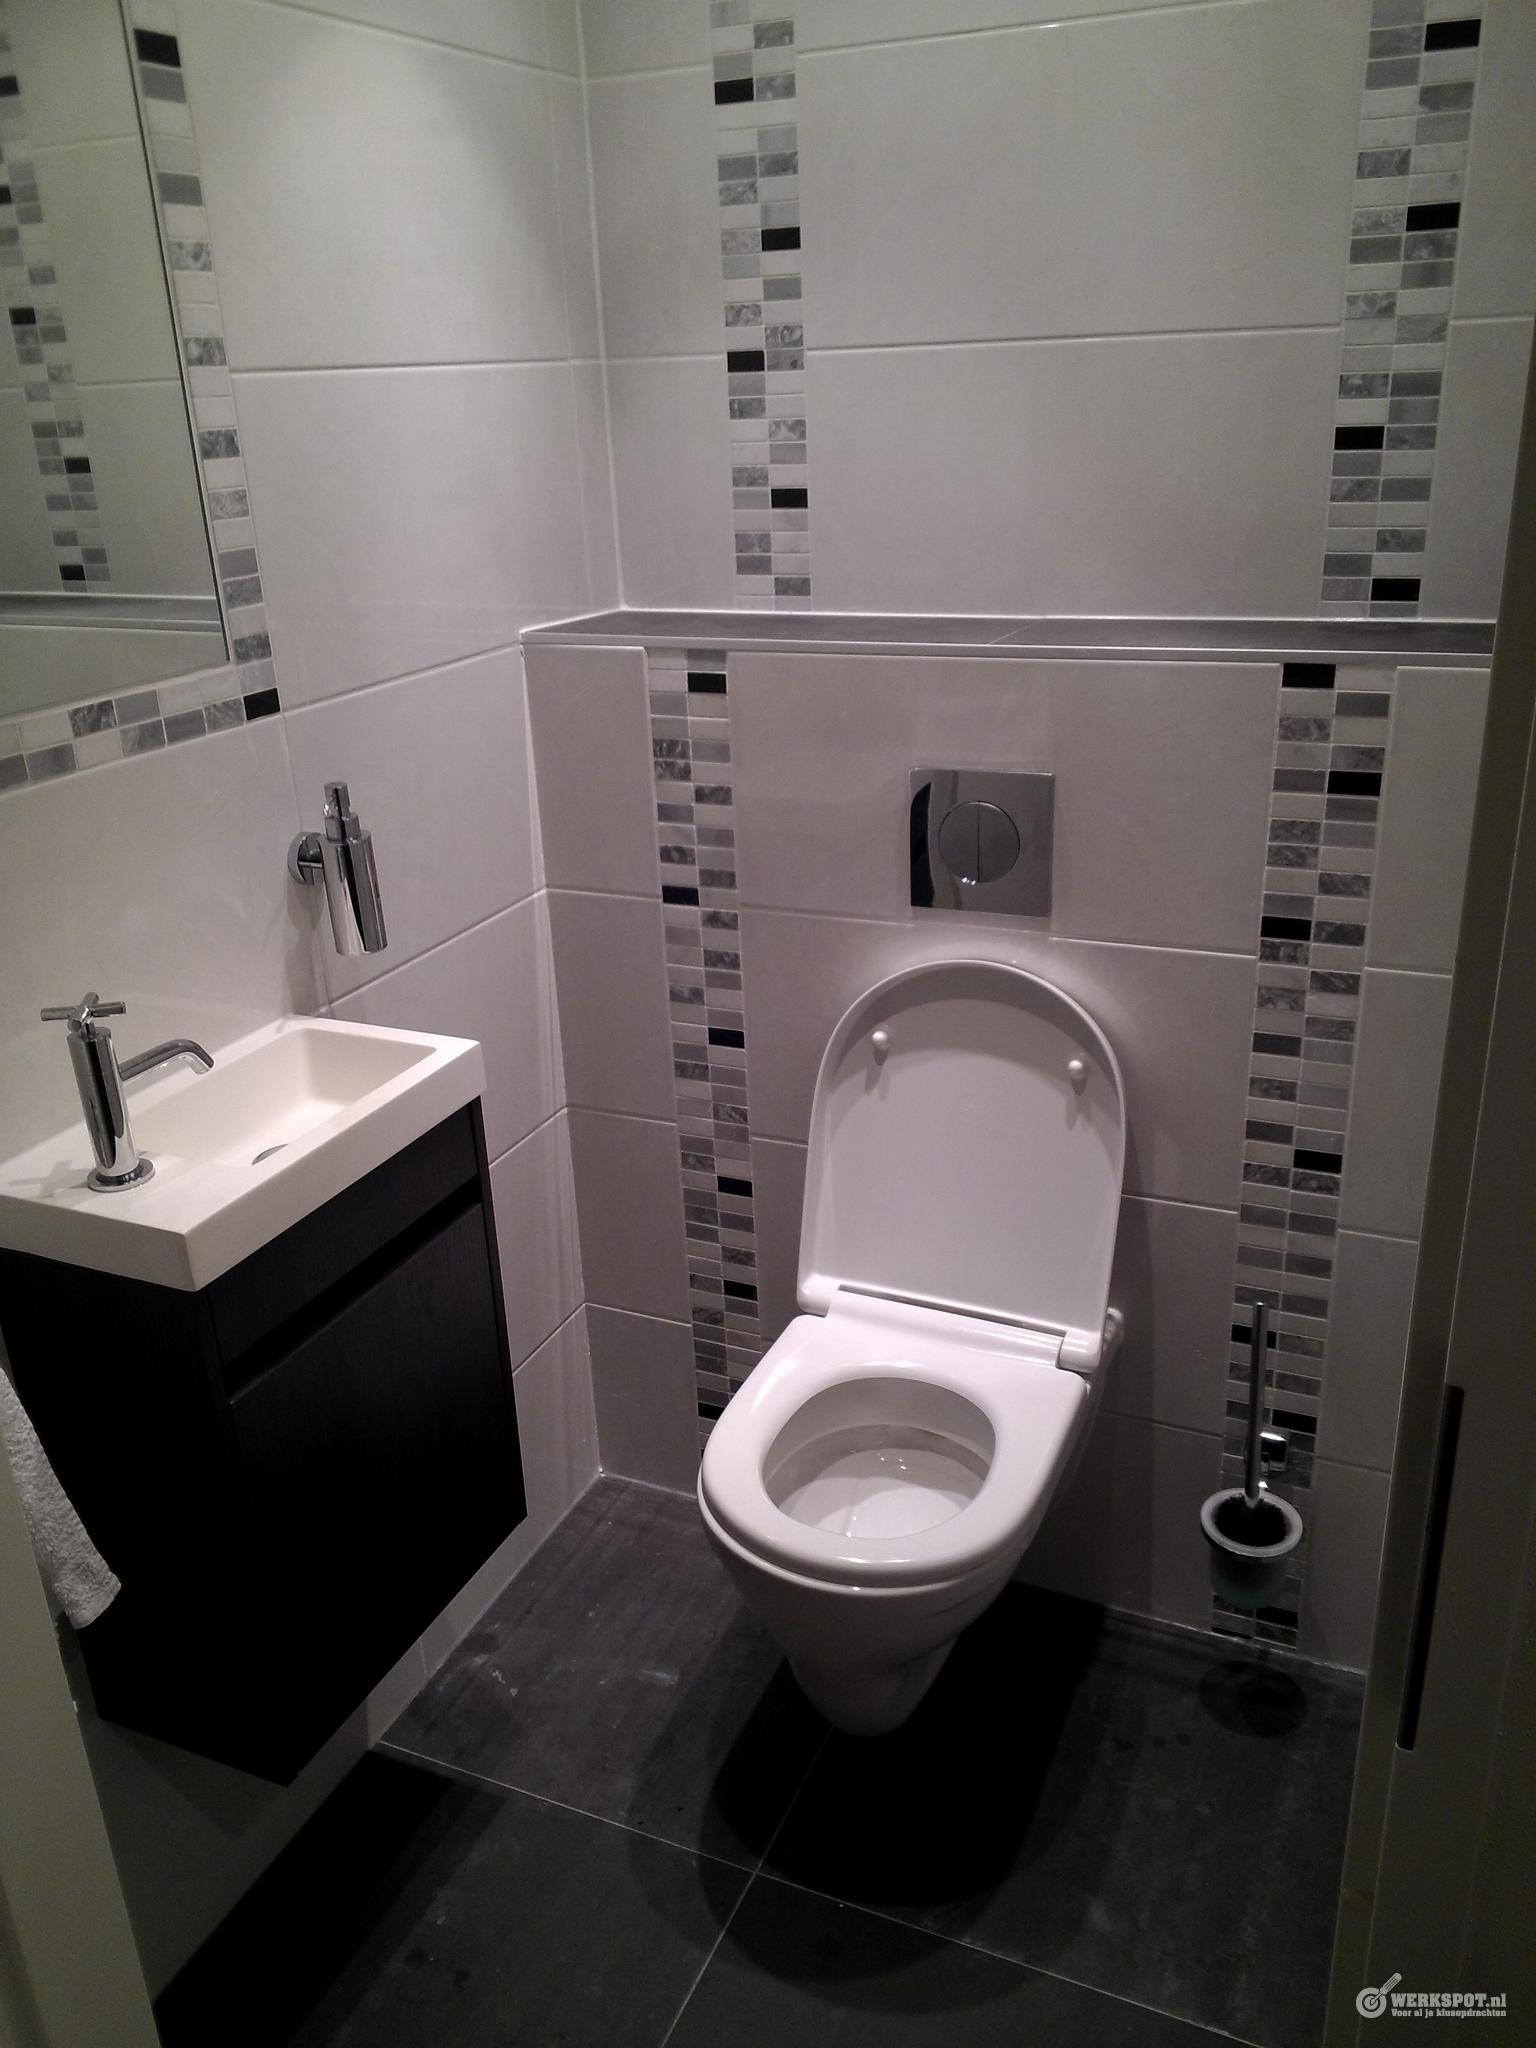 plete badkamer en toilet installeren inclusief tegelwerk